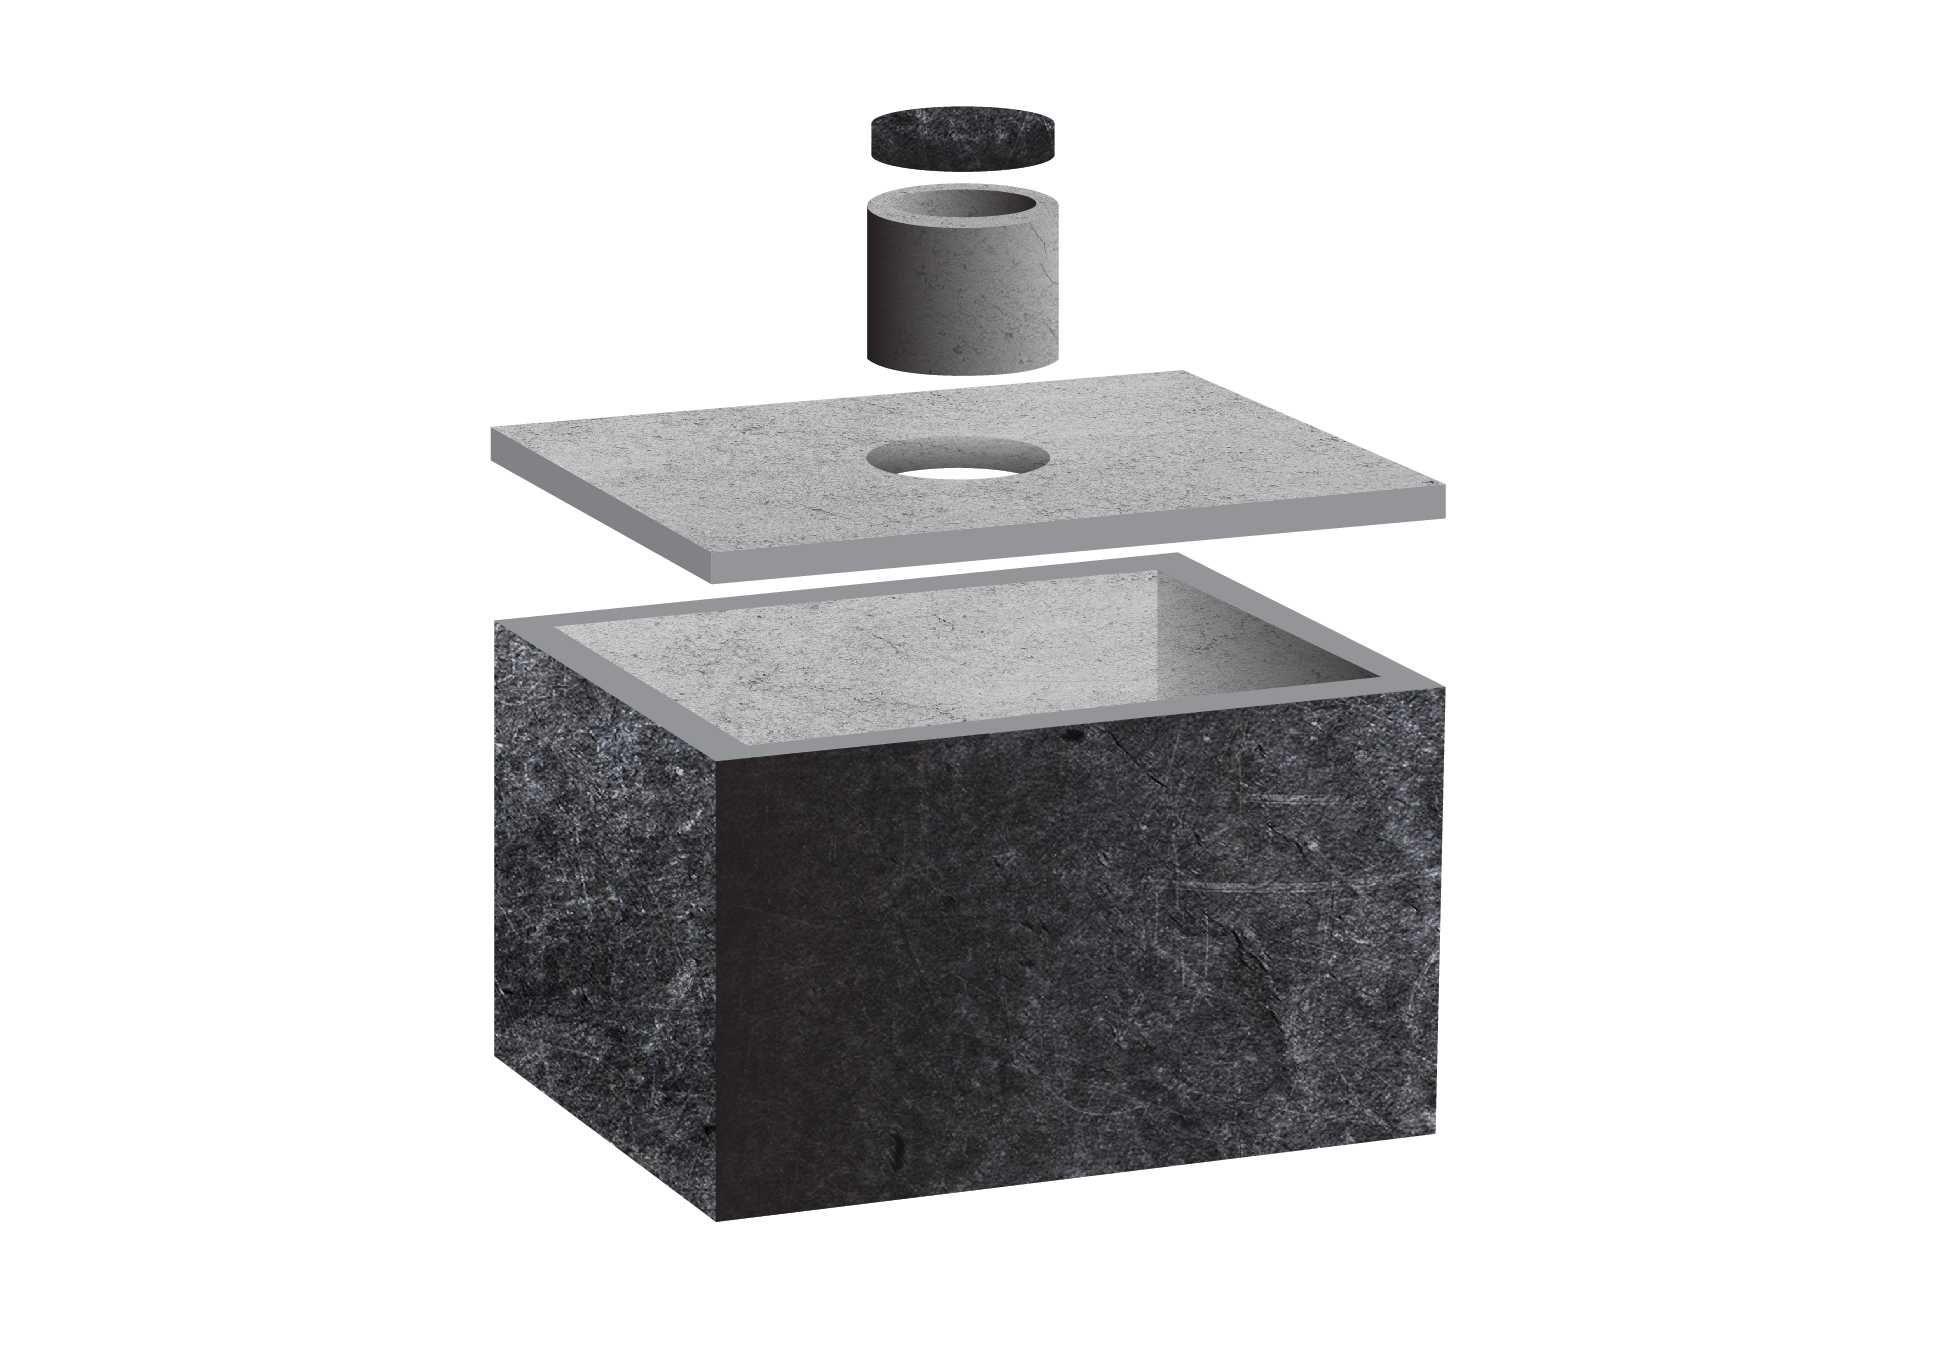 zbiorniki betonowe betonowy na szambo szamba deszczówkę 3,4,5,10,12m3